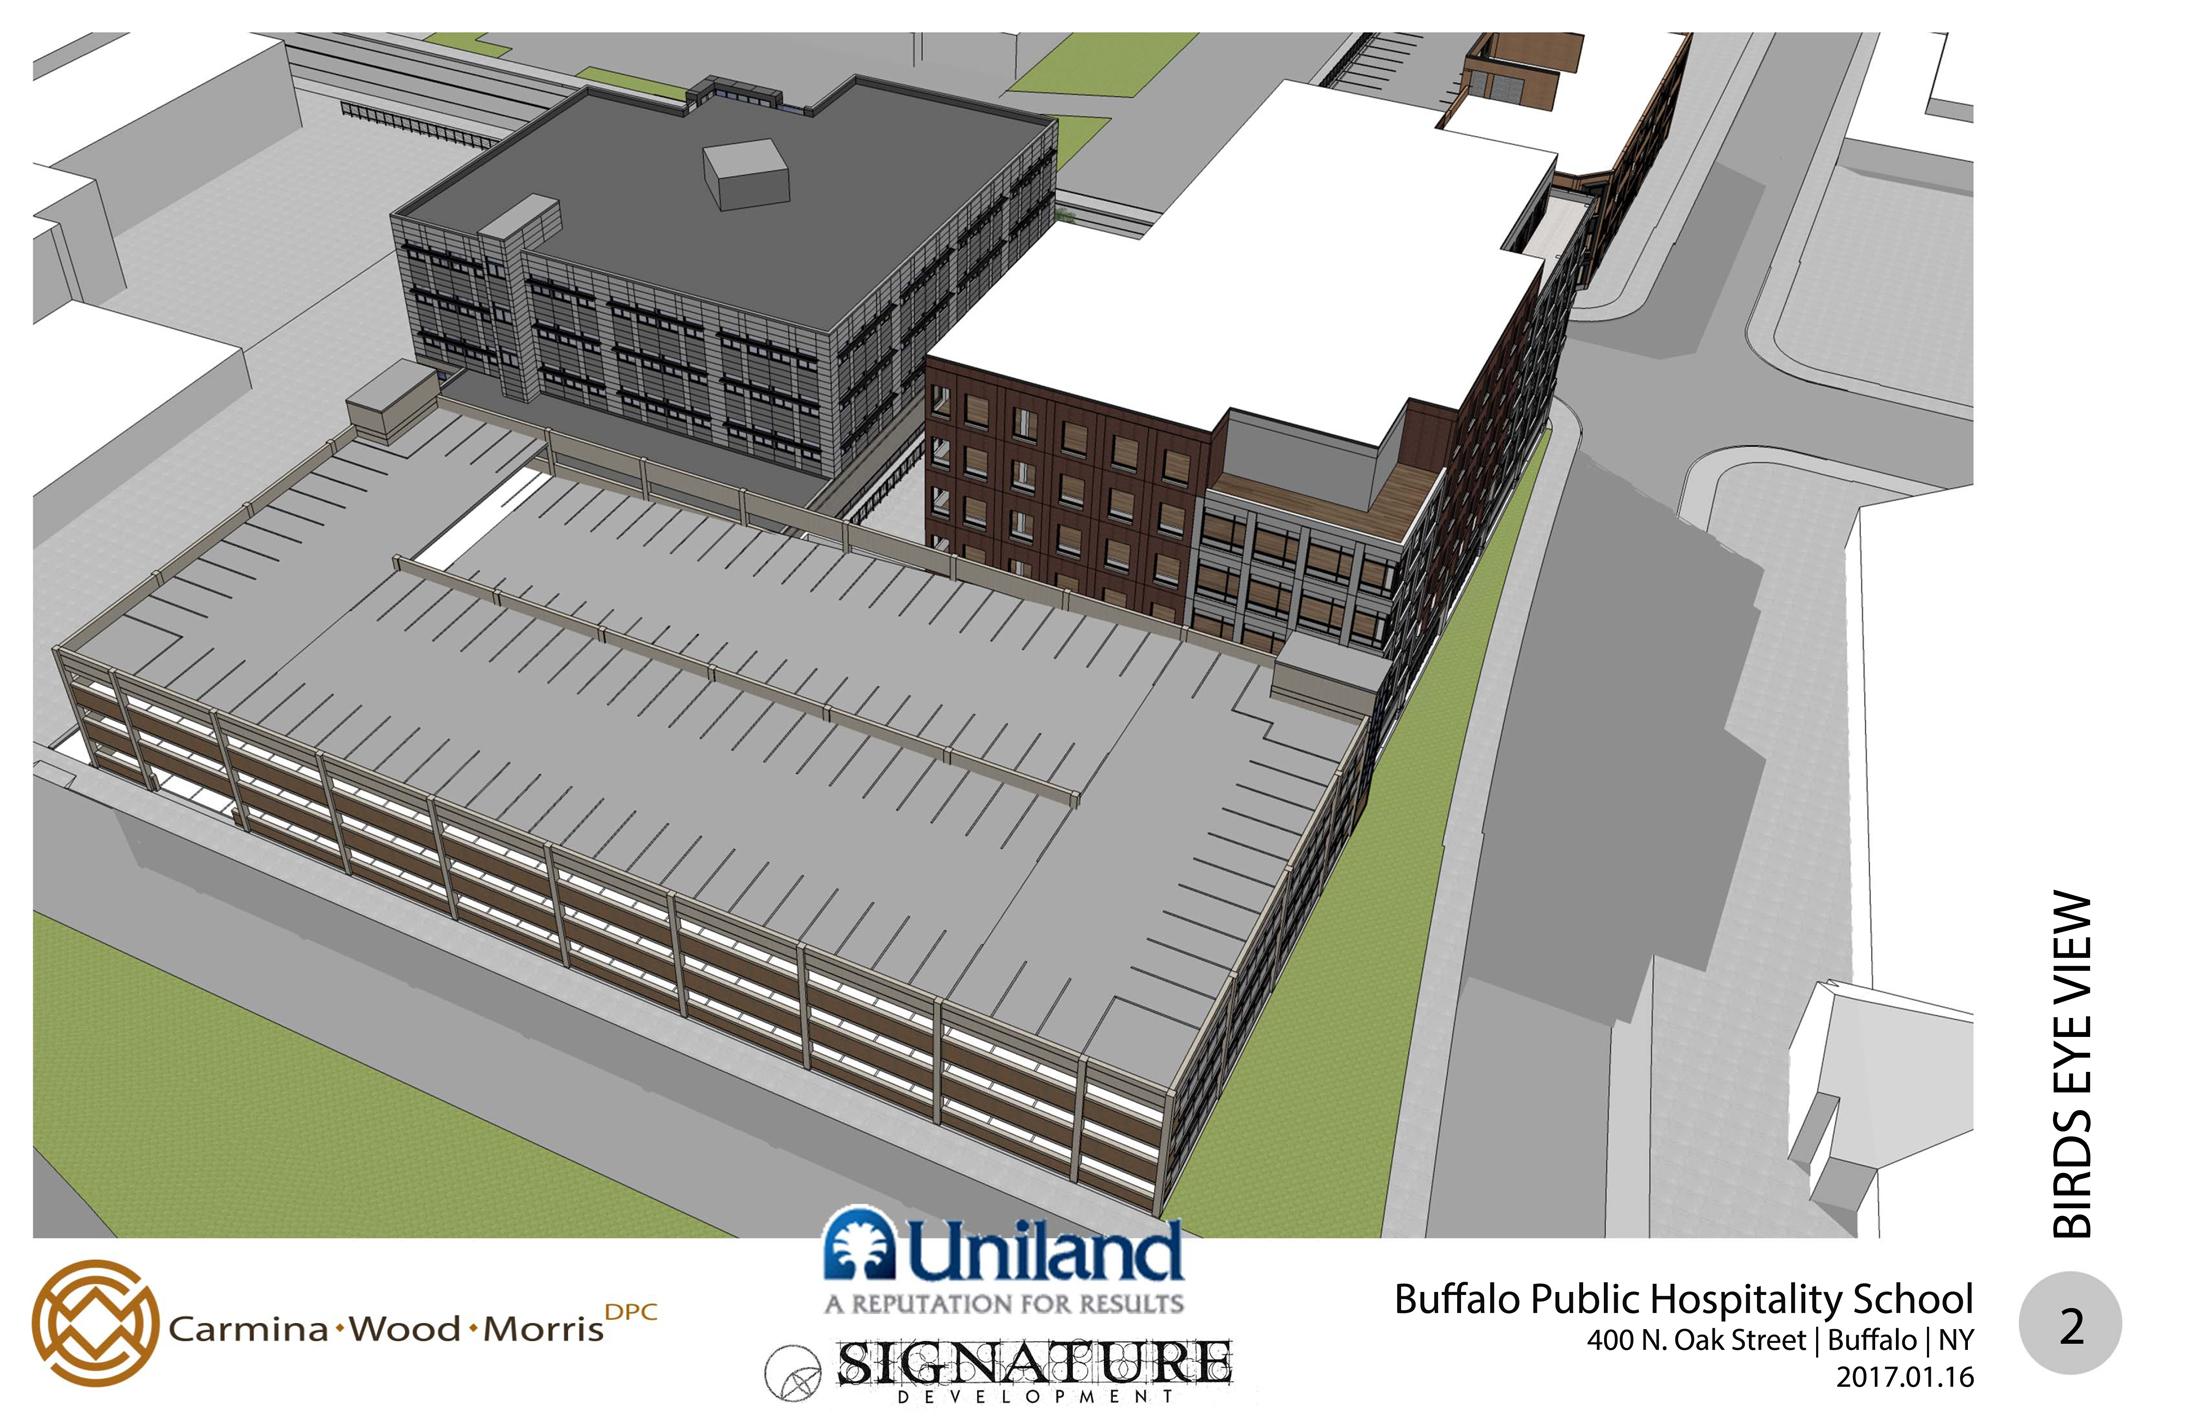 Buffalo-Public-Hospitality-School-NY-2.jpg